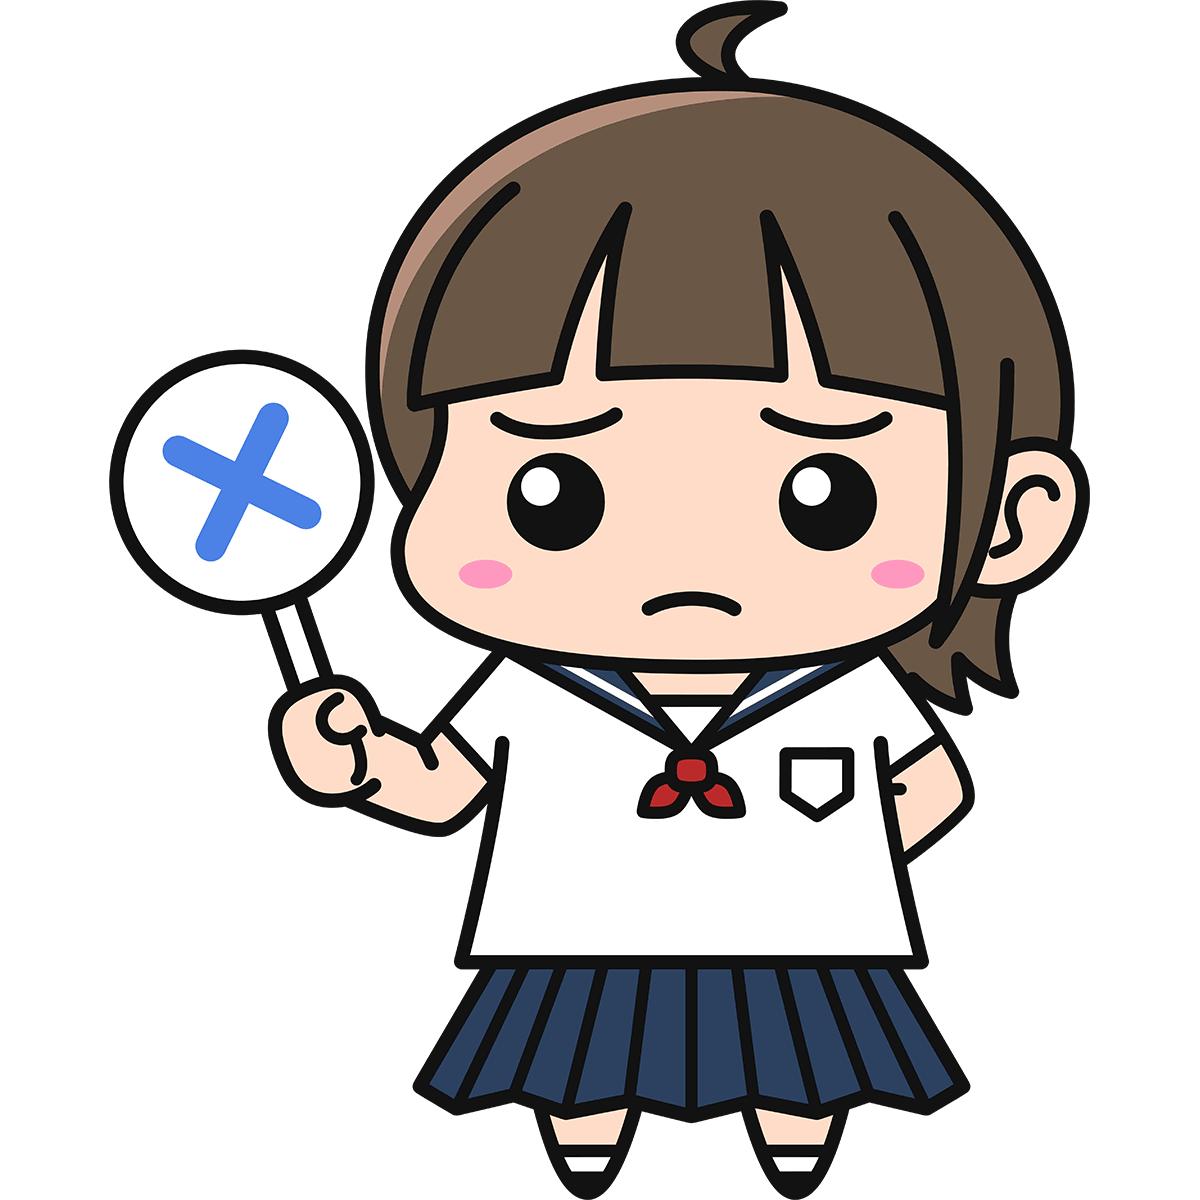 女子高生(不正解)の無料イラスト